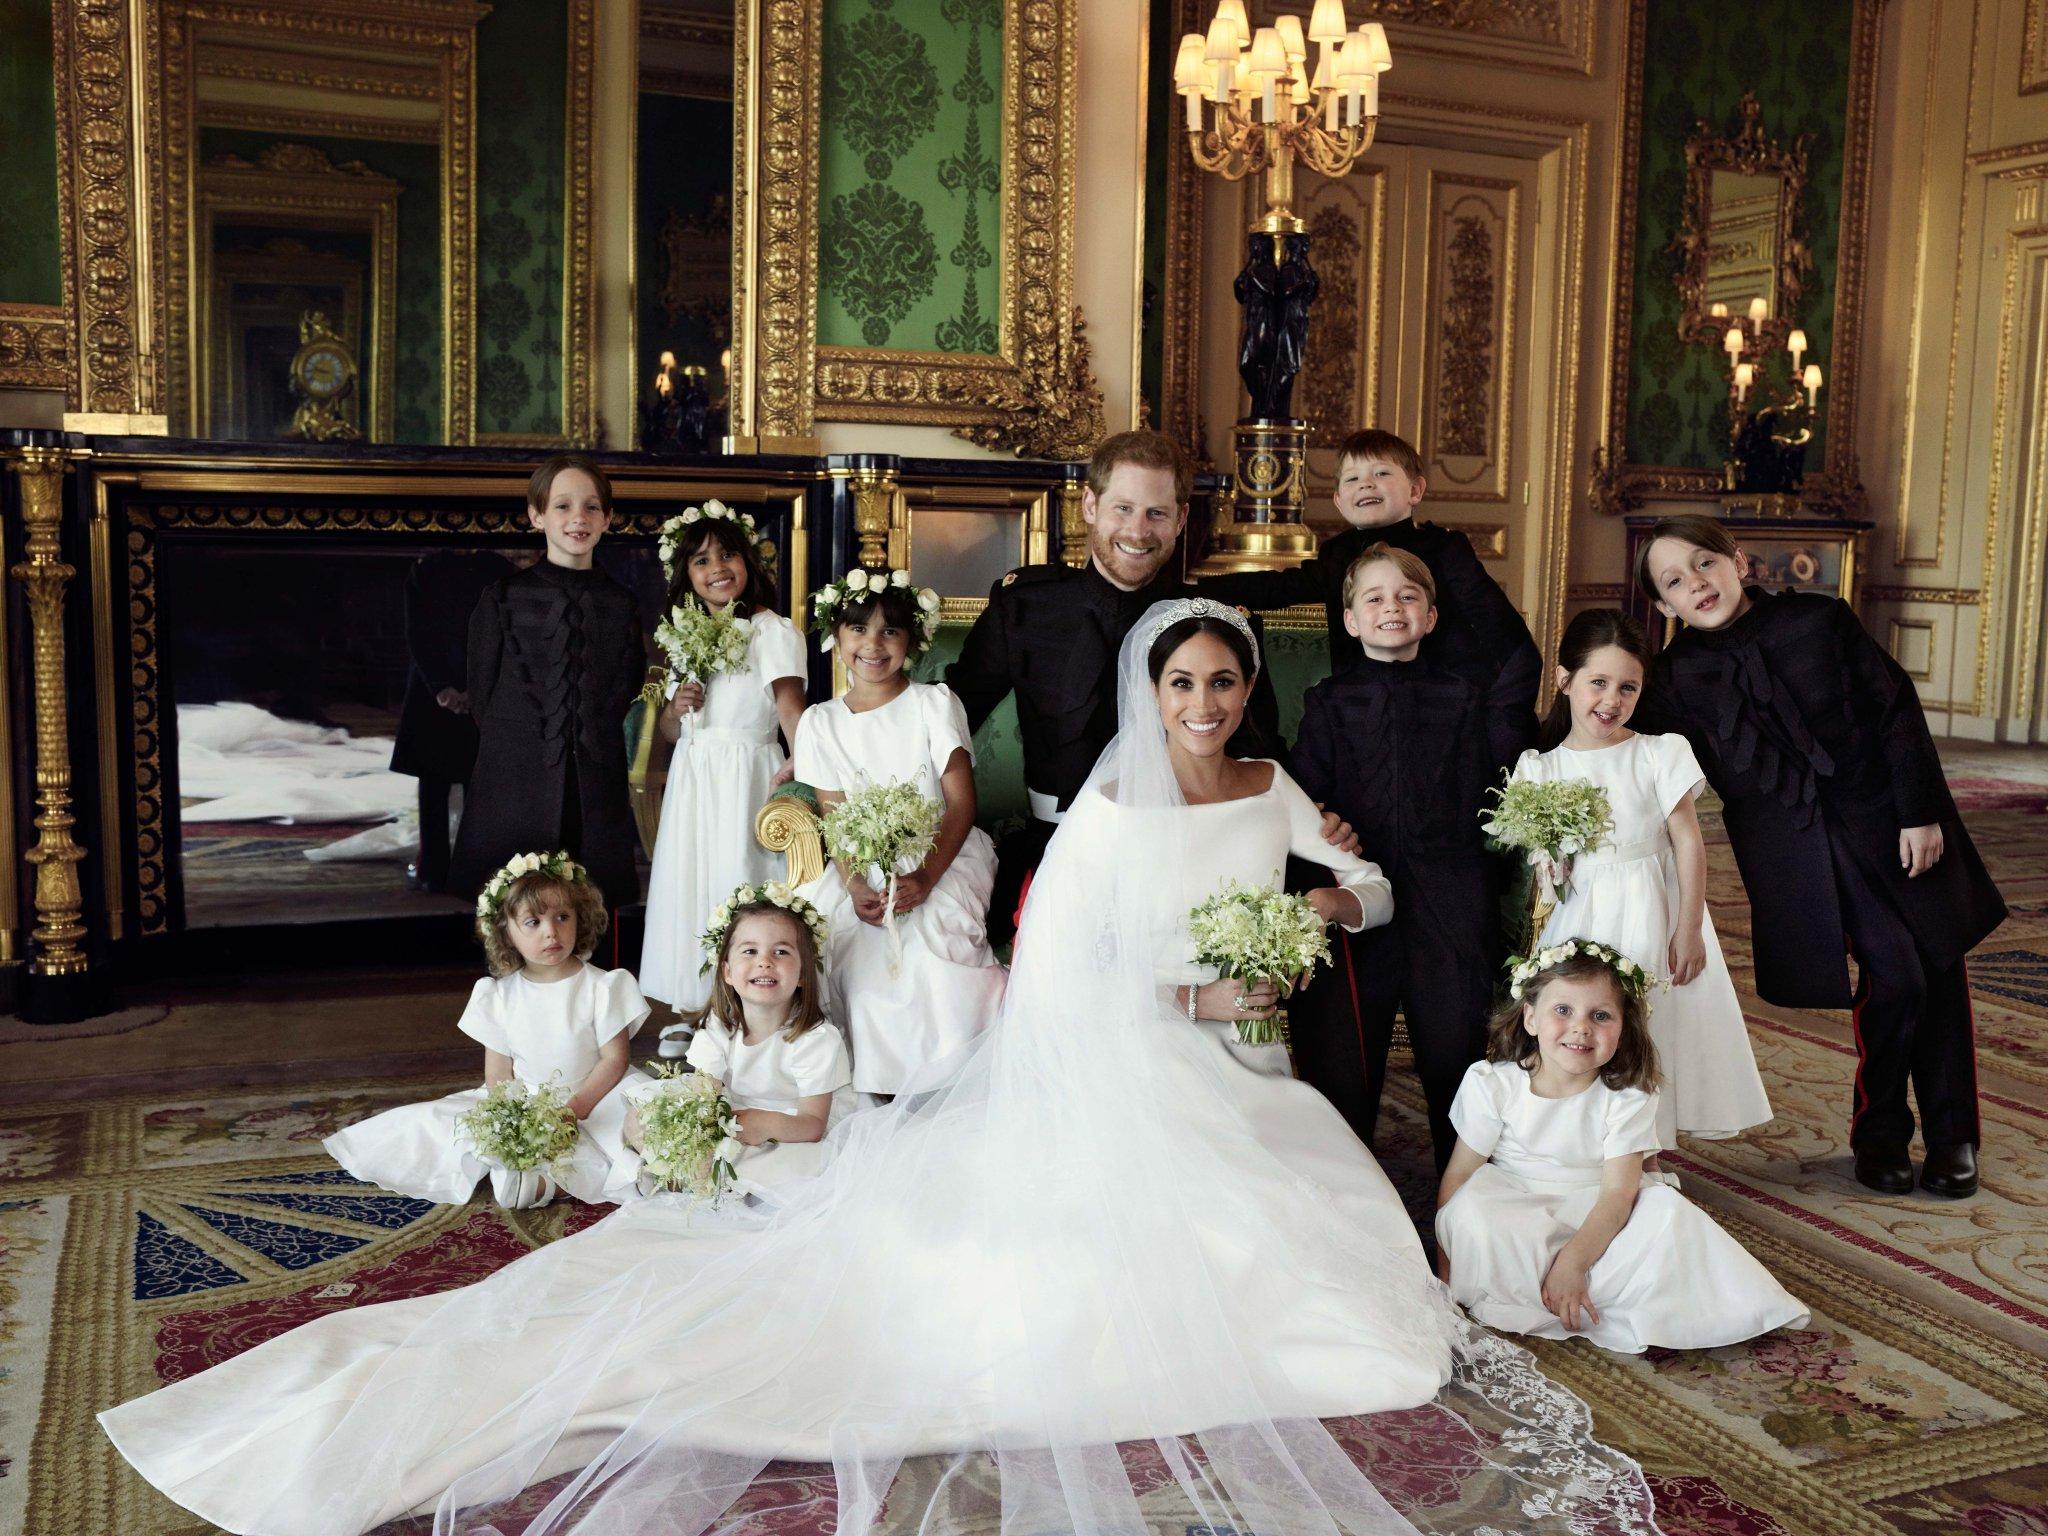 Książę Harry i Meghan Markle - zdjęcie 3